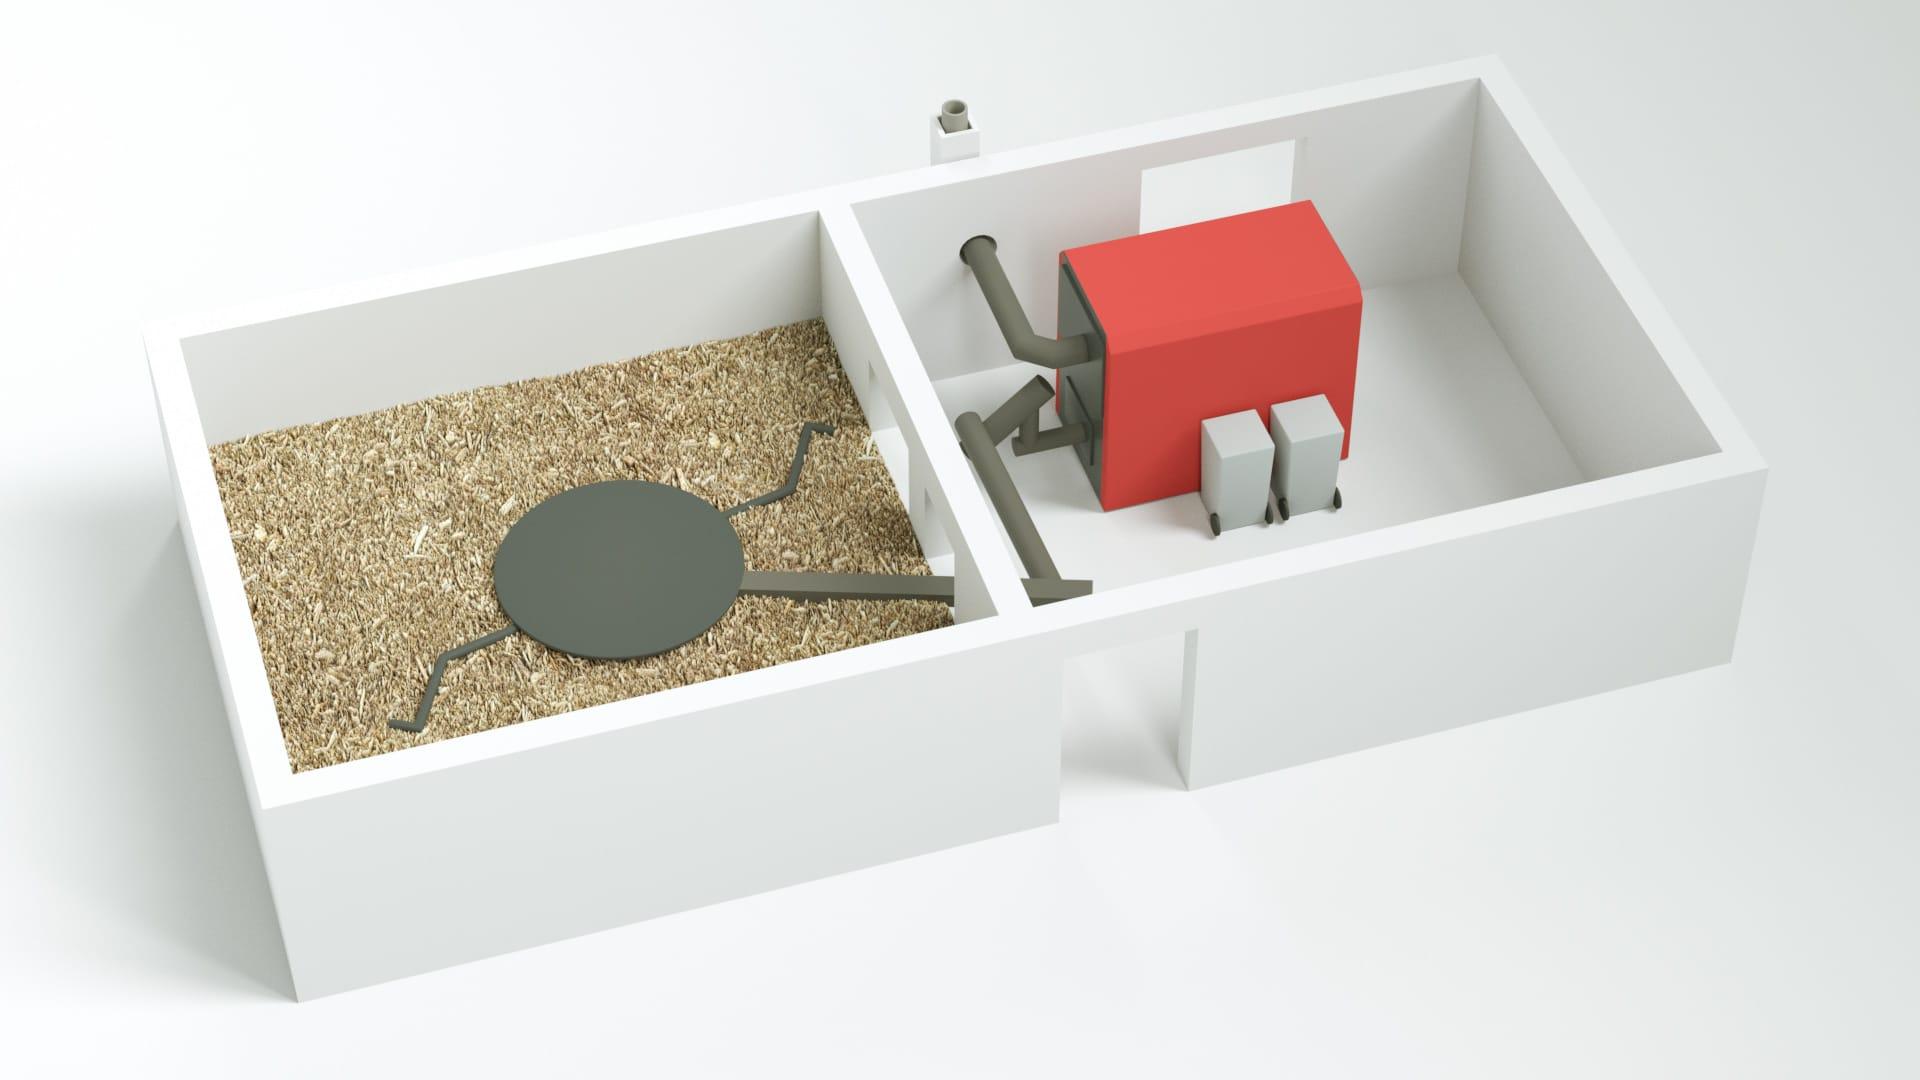 Modellbild Nolting Holzfeuerung System mit Vorratsraum